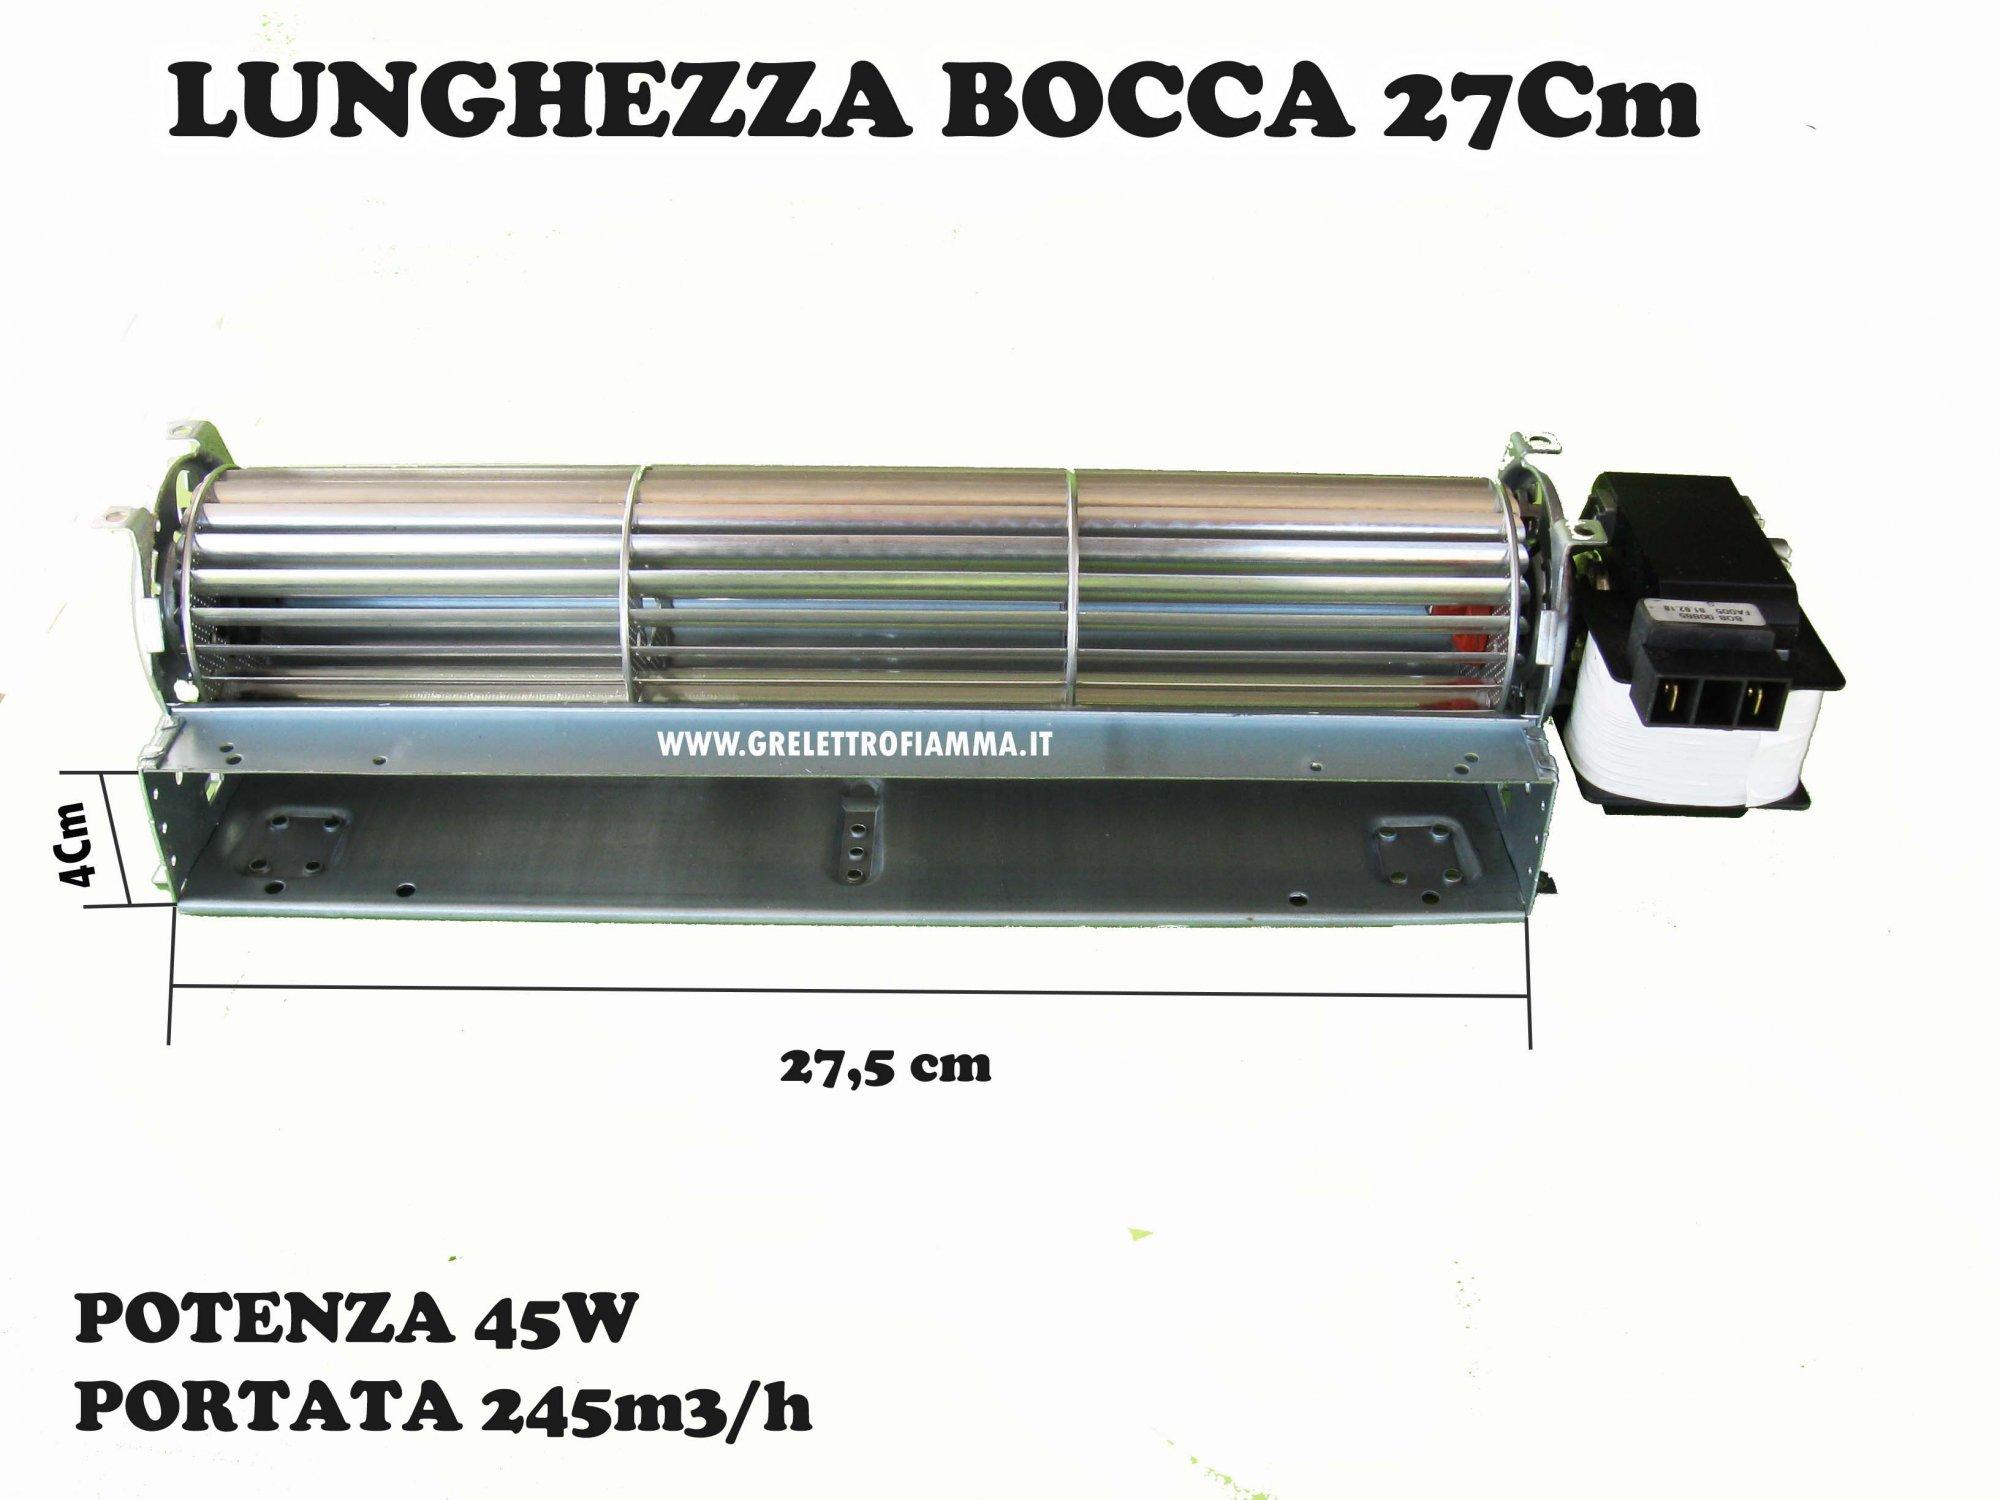 Ventilatore tangenziale da 80 motore SX DX termocamino stufa pellet camino 230V